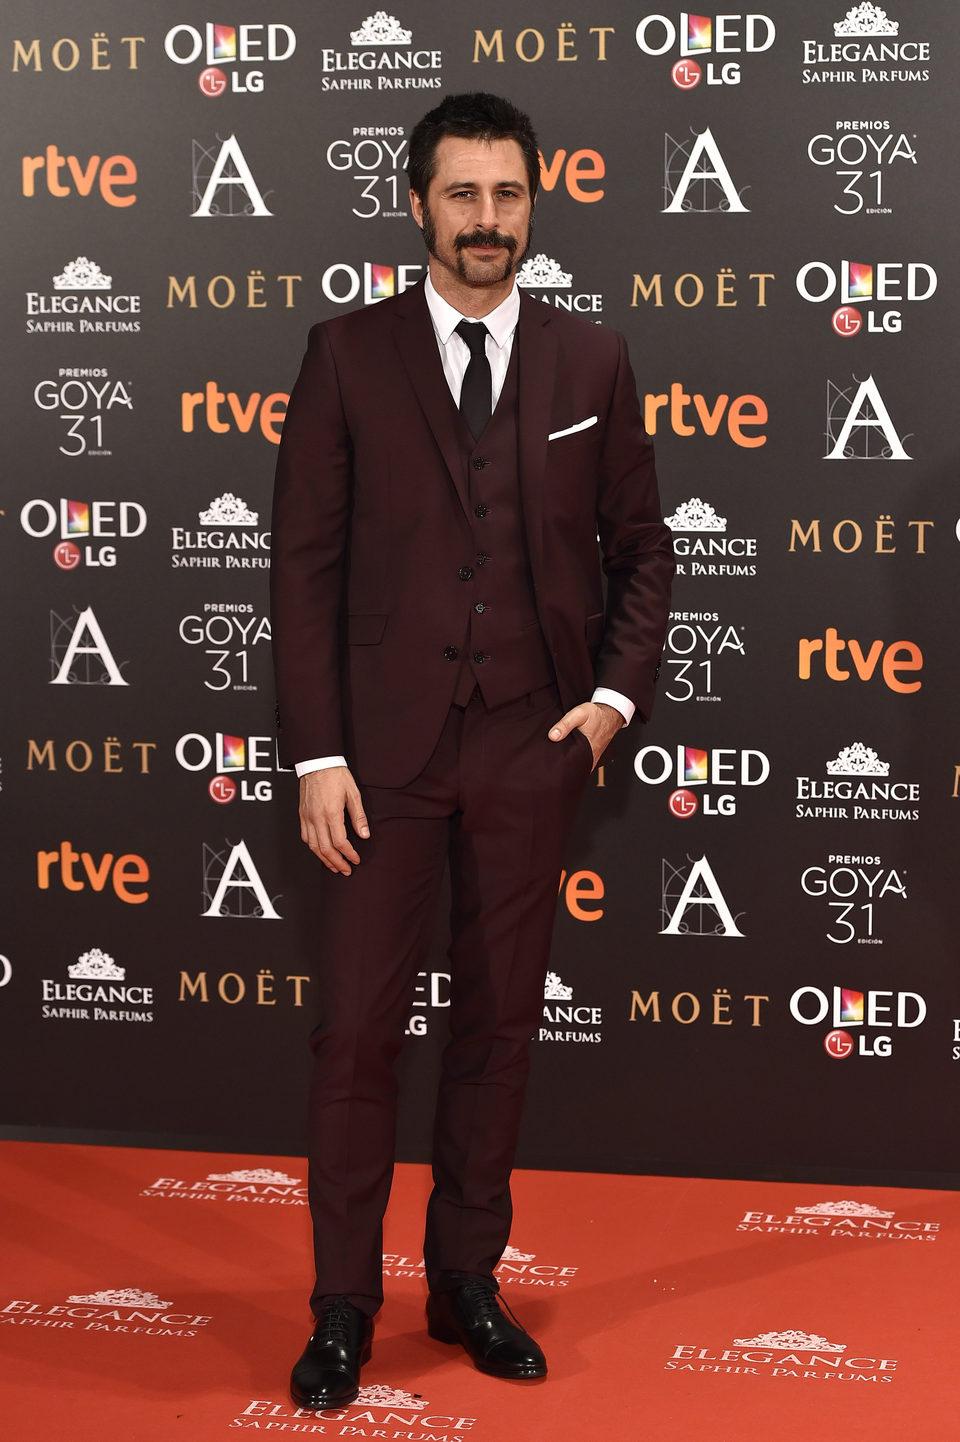 Hugo Silva, actor de la serie 'El ministerio del tiempo', en la alfombra roja de los premios Goya 2017